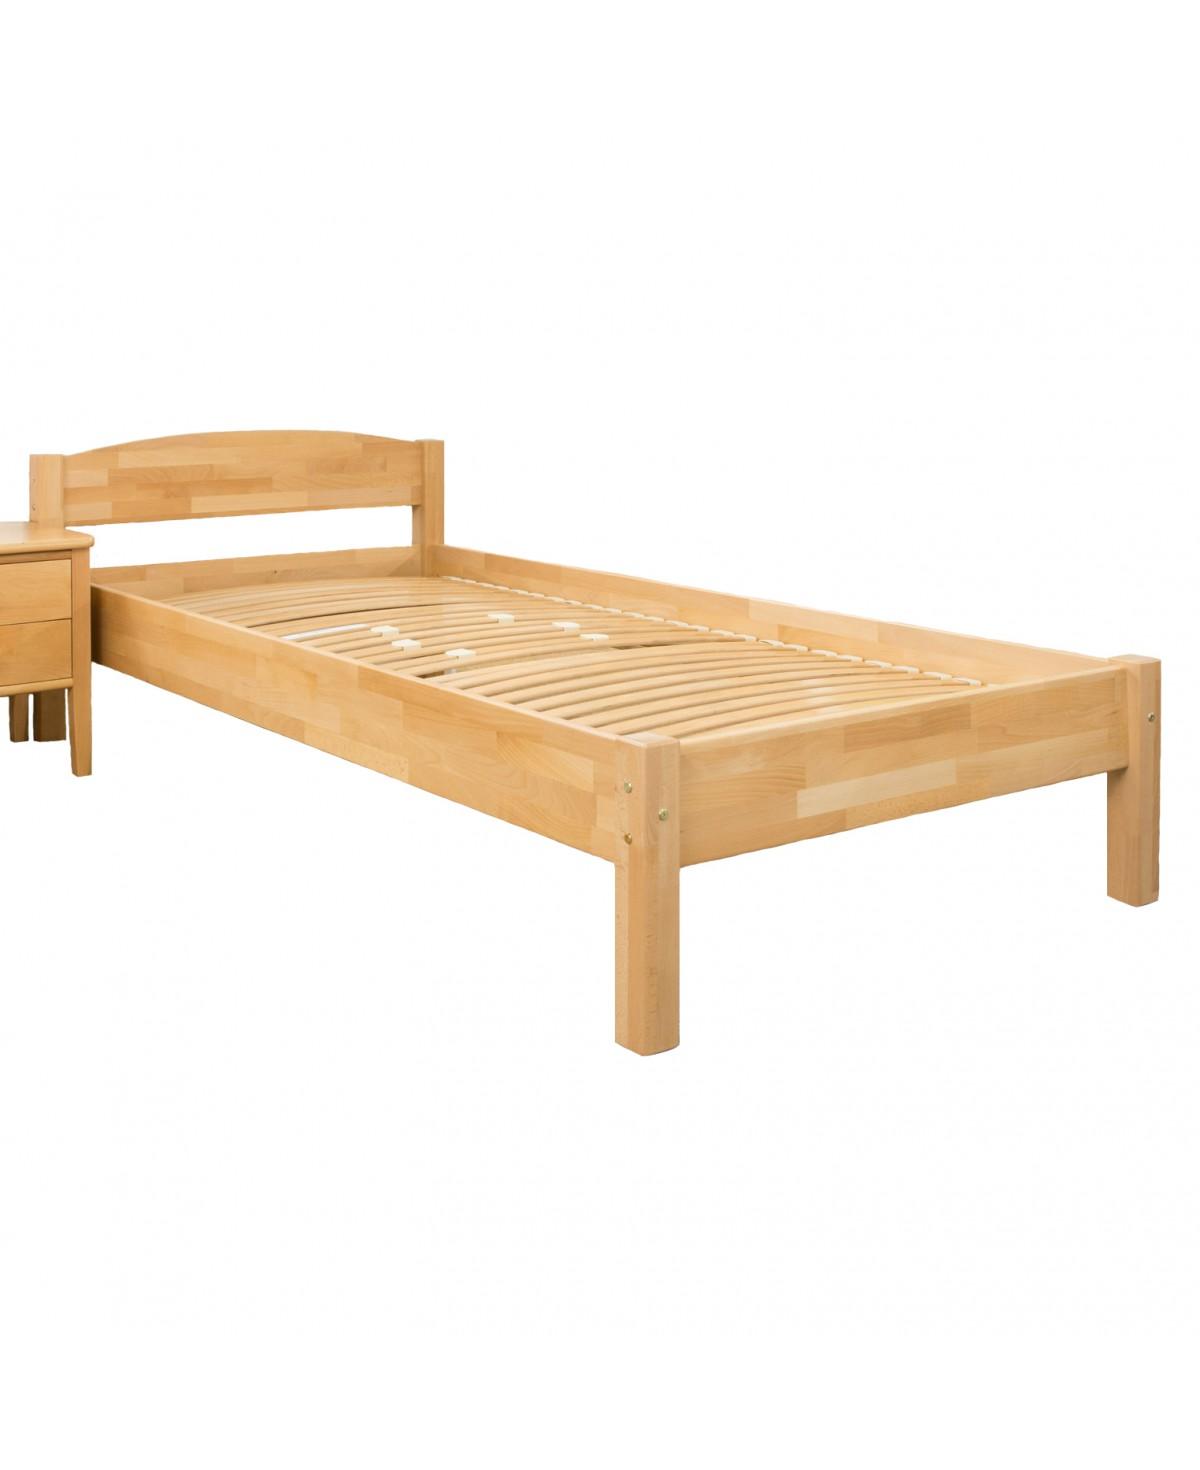 Full Size of Bett 120x200 Weiß Mit Matratze Und Lattenrost Bettkasten Betten Wohnzimmer Bettgestell 120x200